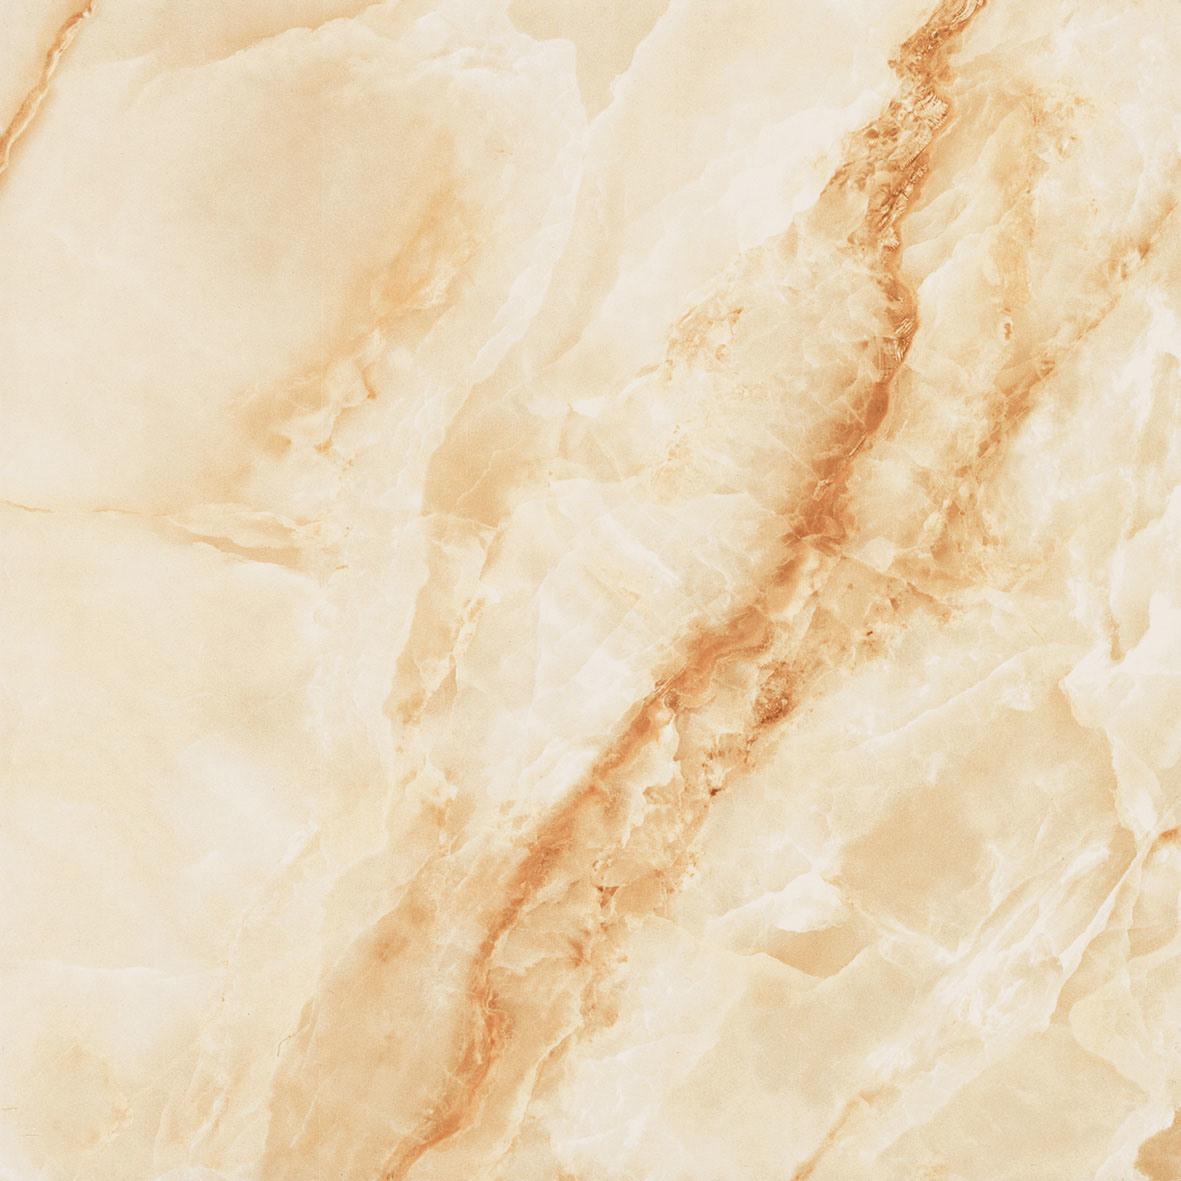 Foto de baldosas cer micas esmaltadas r sticas del suelo - Suelos de porcelana ...